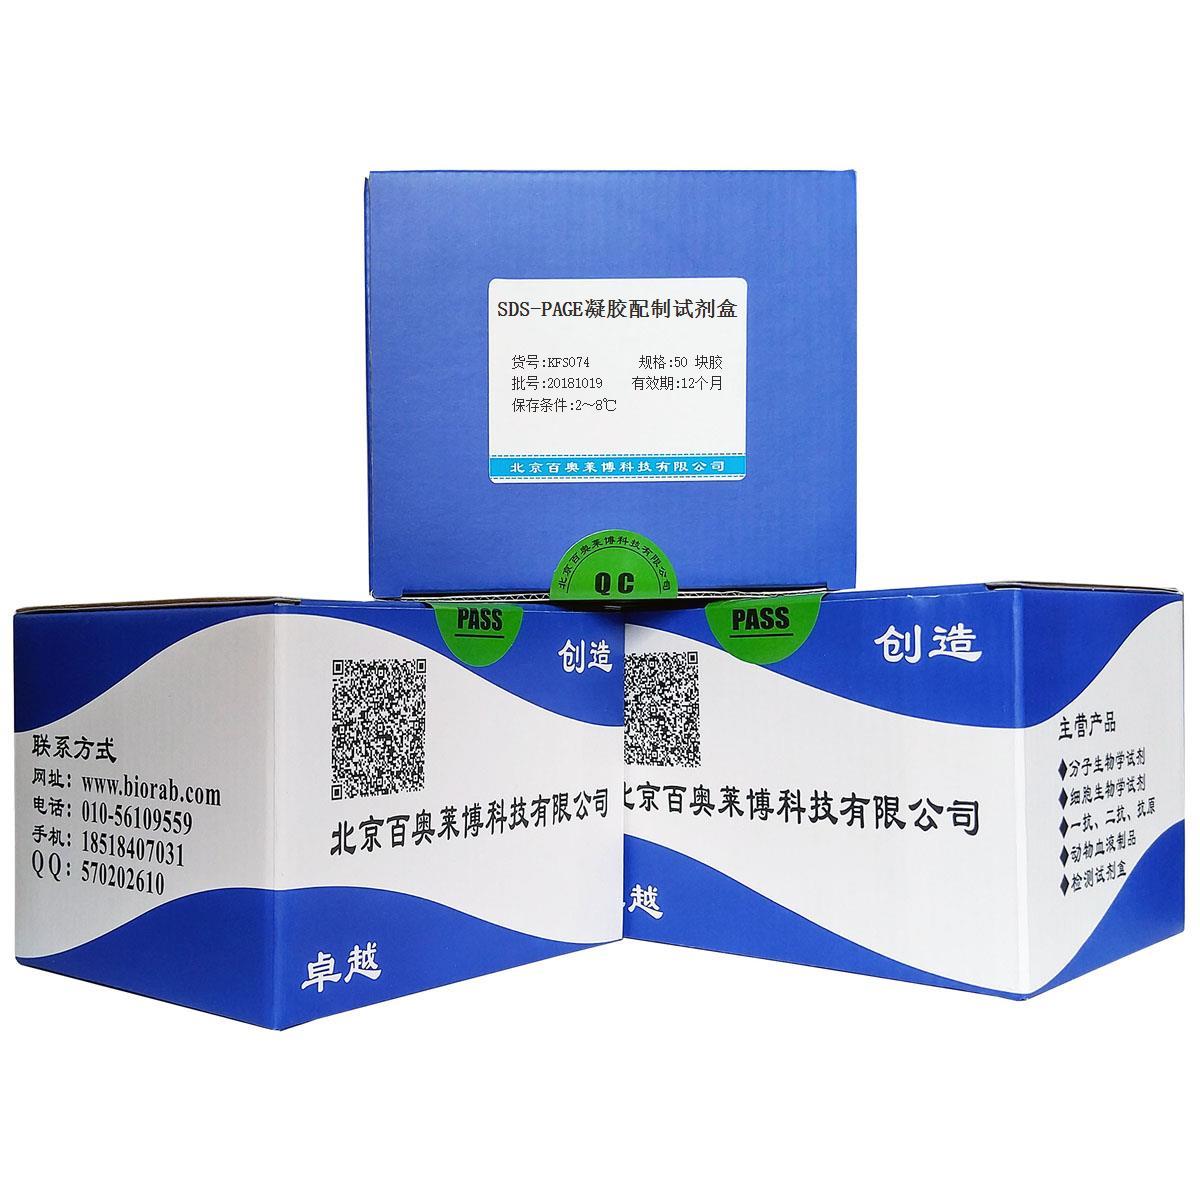 SDS-PAGE凝胶配制试剂盒